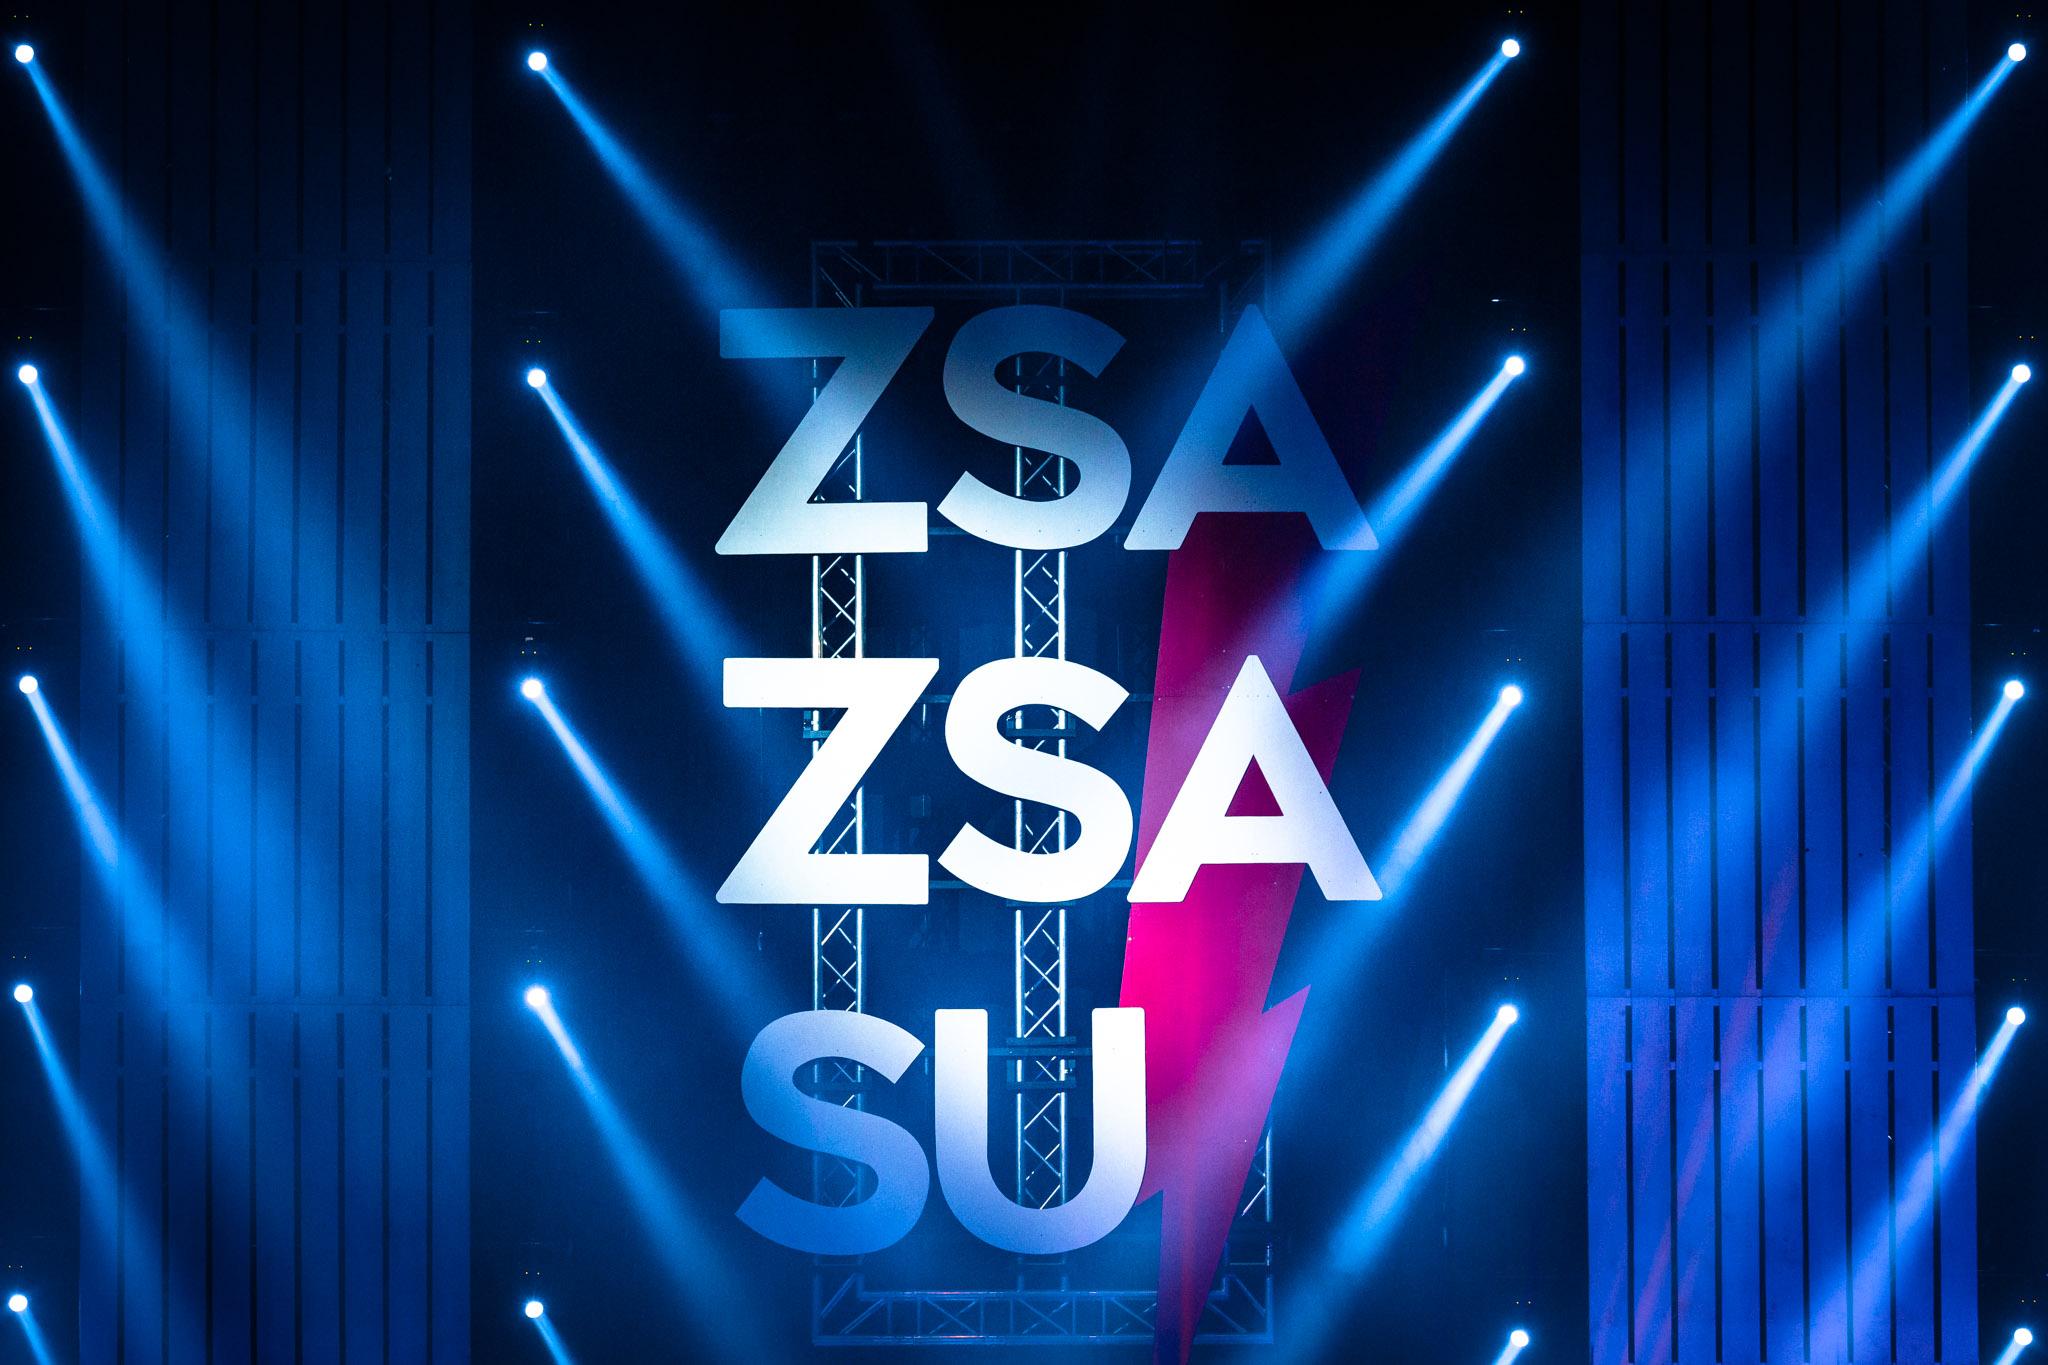 Zsa Zsa Su Amsterdam Afas Evenement Fotograaf Shot By Sylla 44